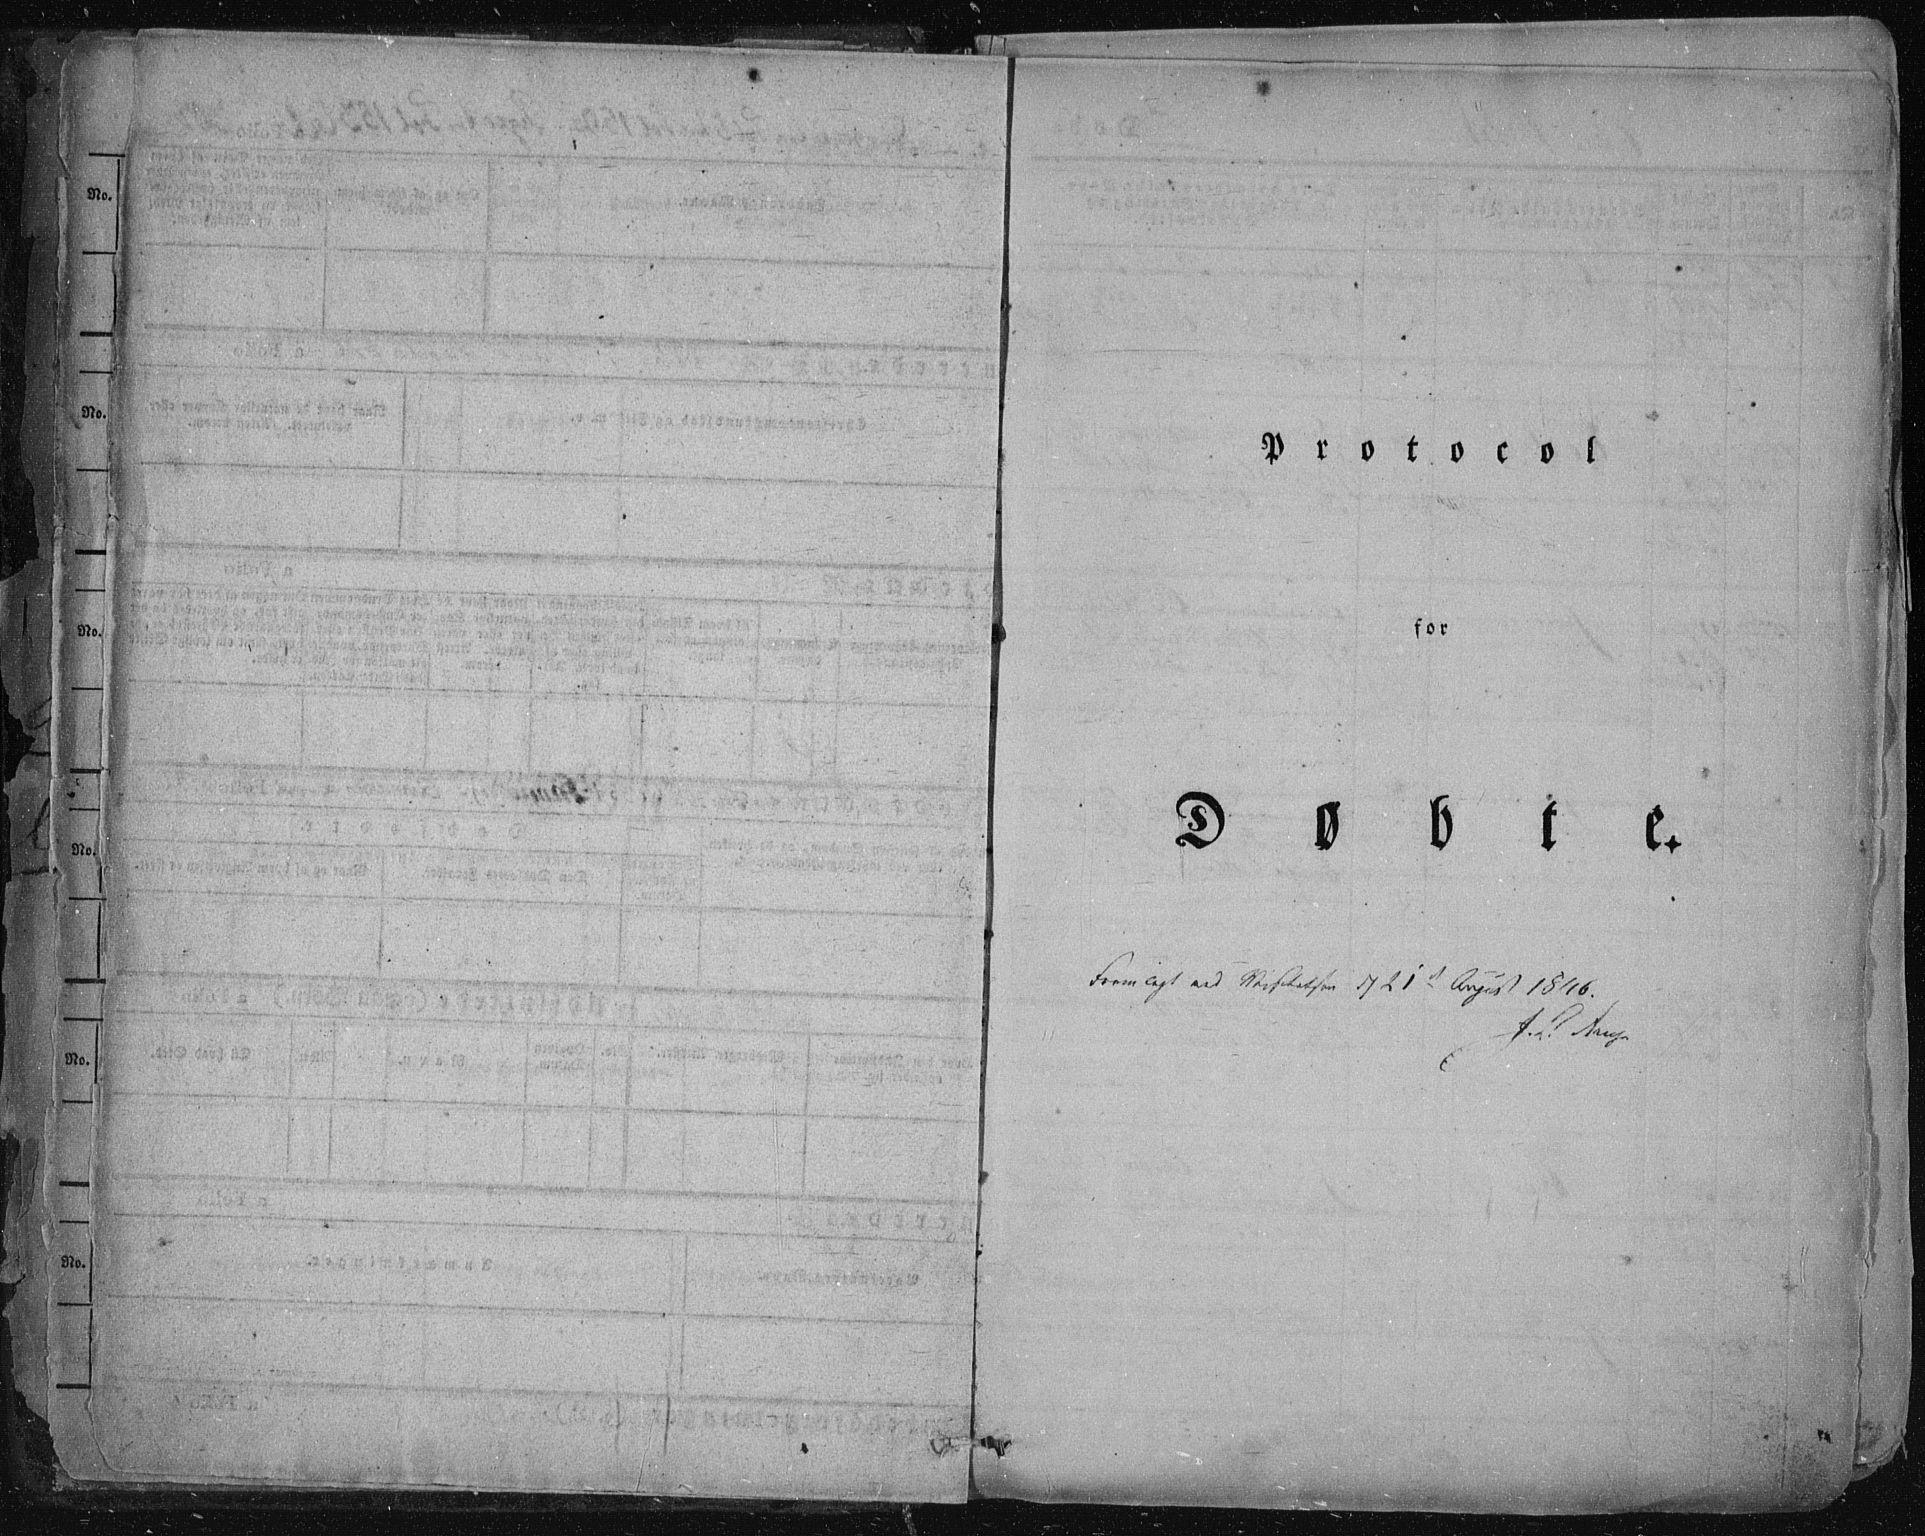 SAKO, Sannidal kirkebøker, F/Fa/L0006: Ministerialbok nr. 6, 1831-1847